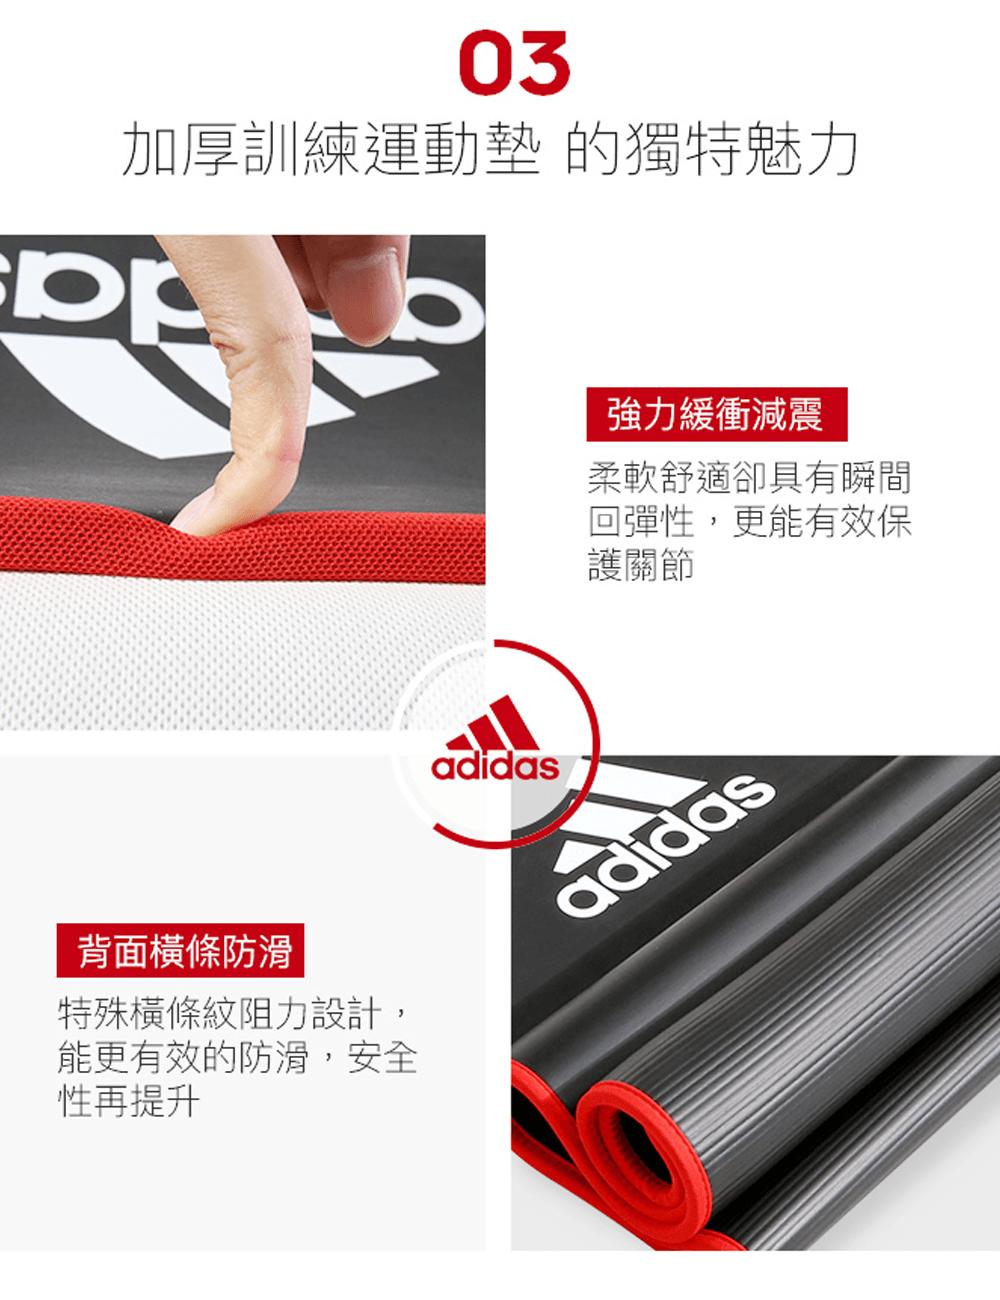 【adidas】專業加厚訓練運動墊(10mm) 4